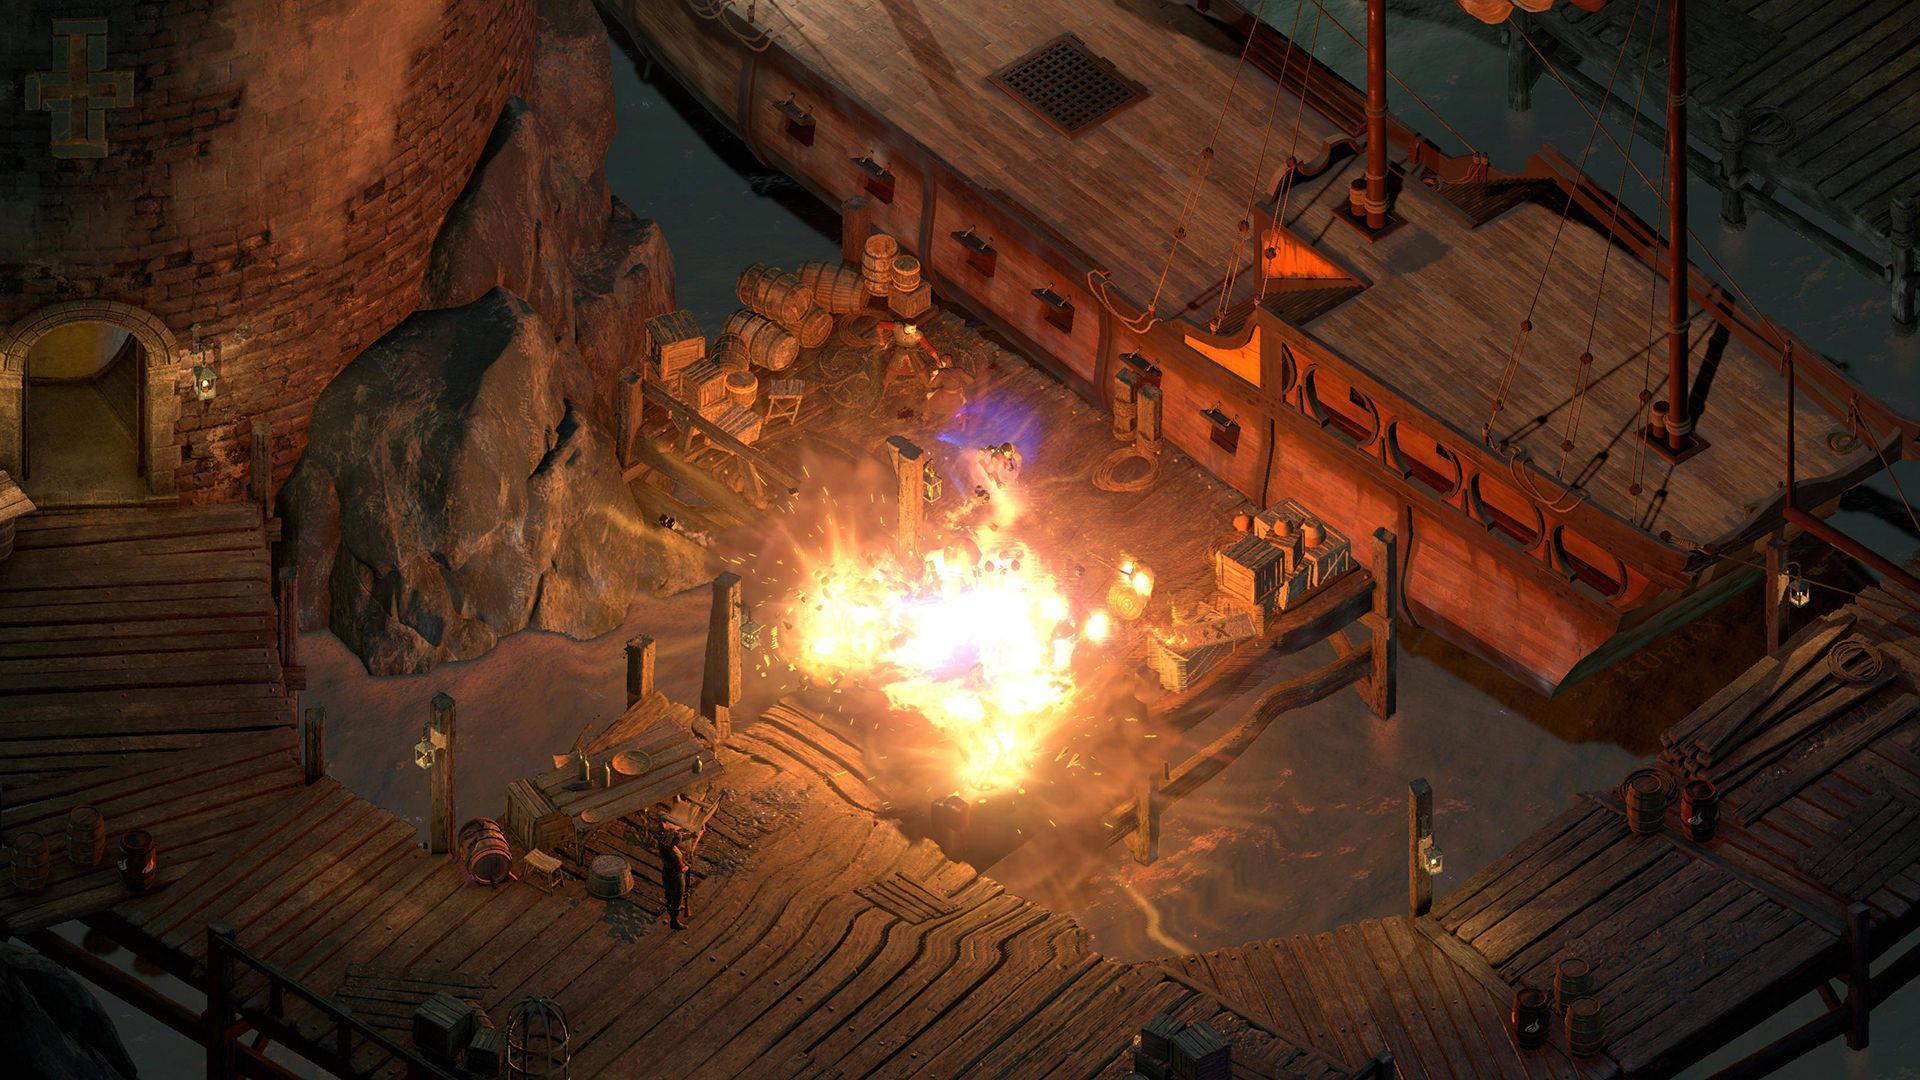 Novo trailer mostra as novidades de Pillars of Eternity II: Deadfire